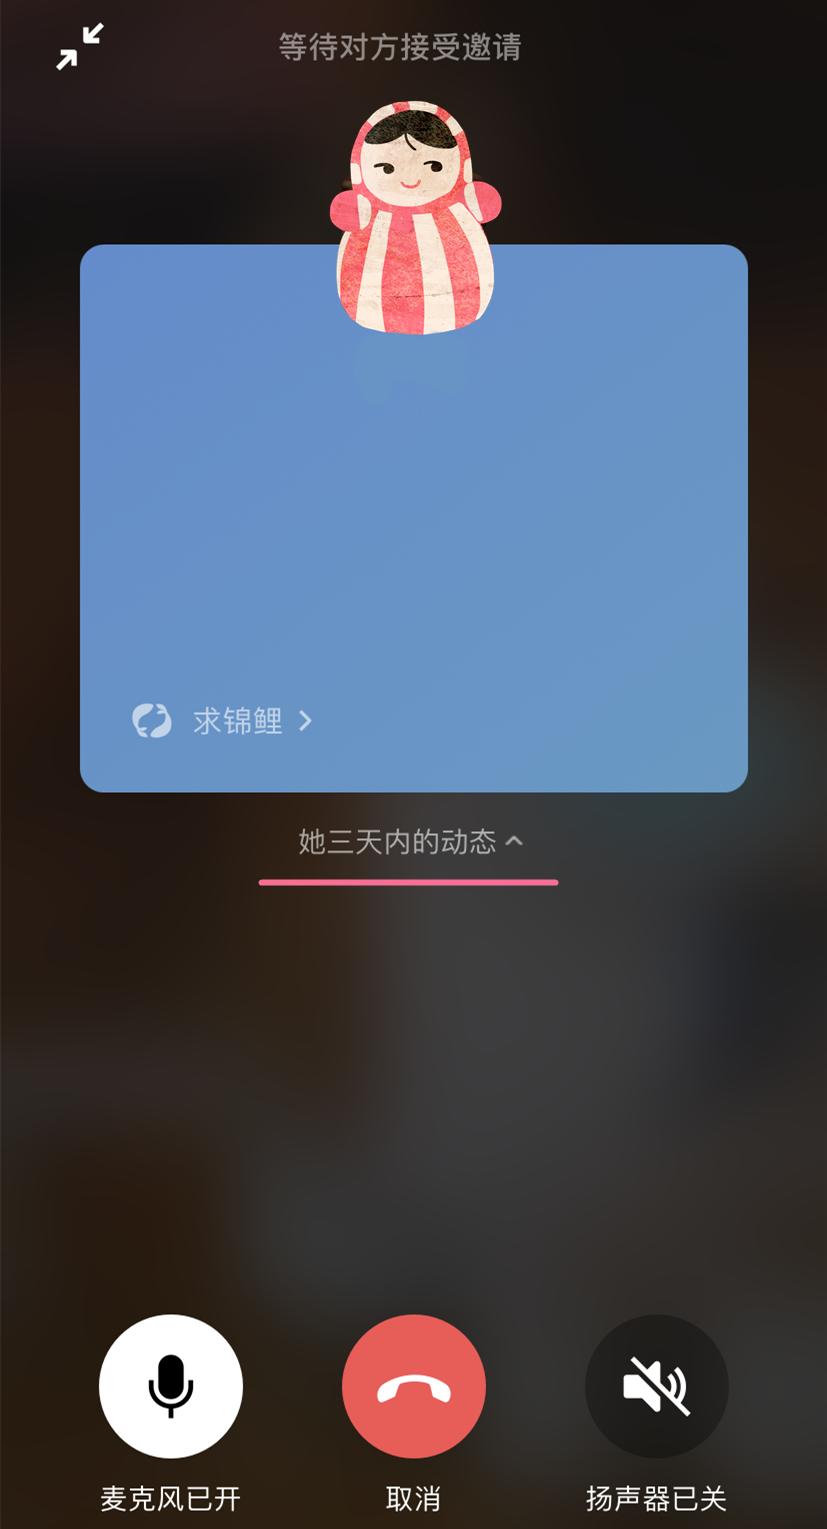 摩臣5平台微信又有新功能!语音自动播放朋友圈?网友慌了:大型社死现场…